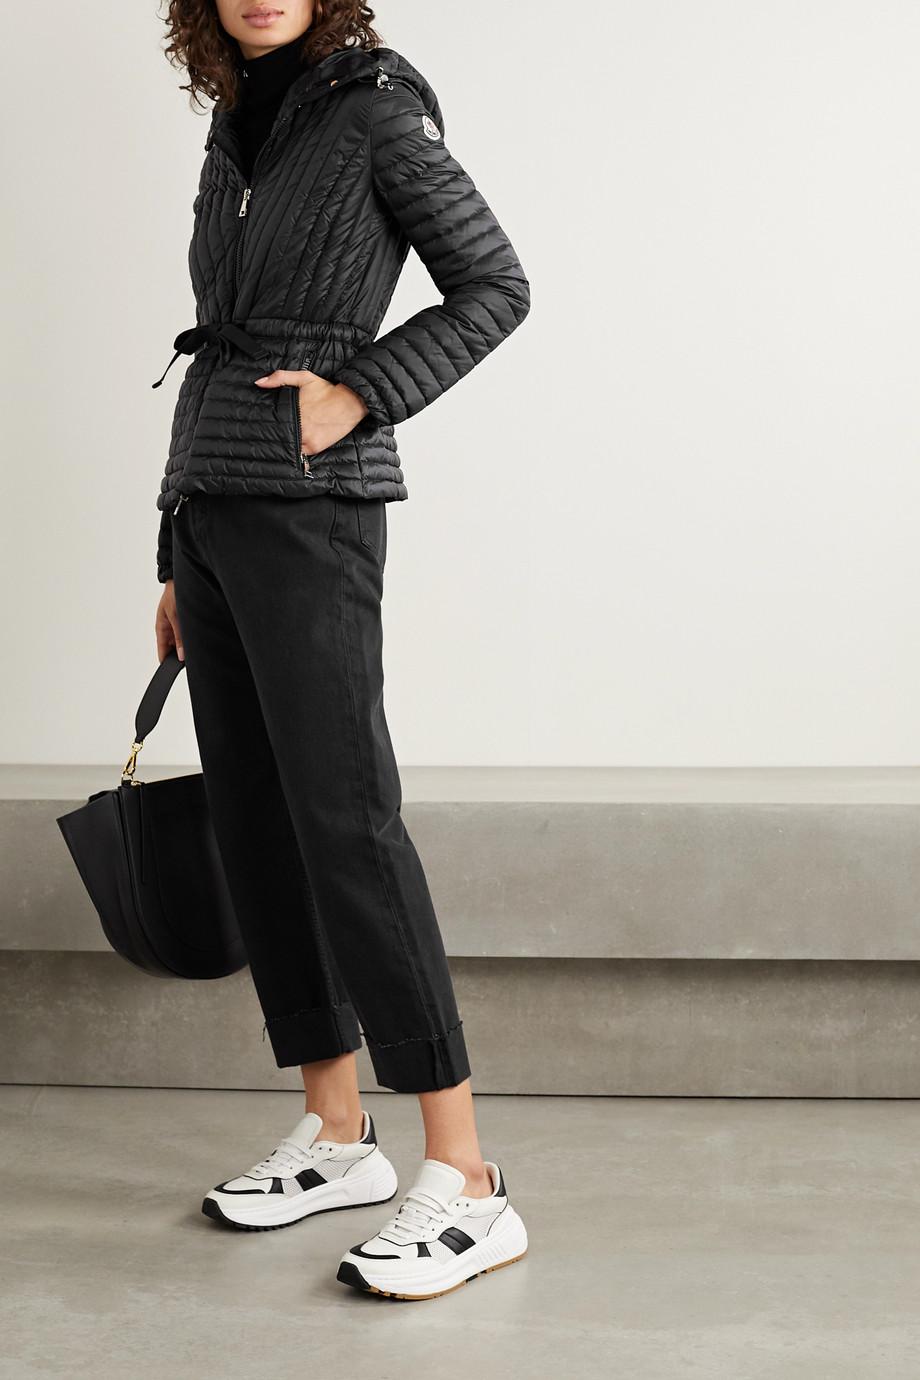 Jou Jou Womens Faux-Leather Trim Drawstring Jacket